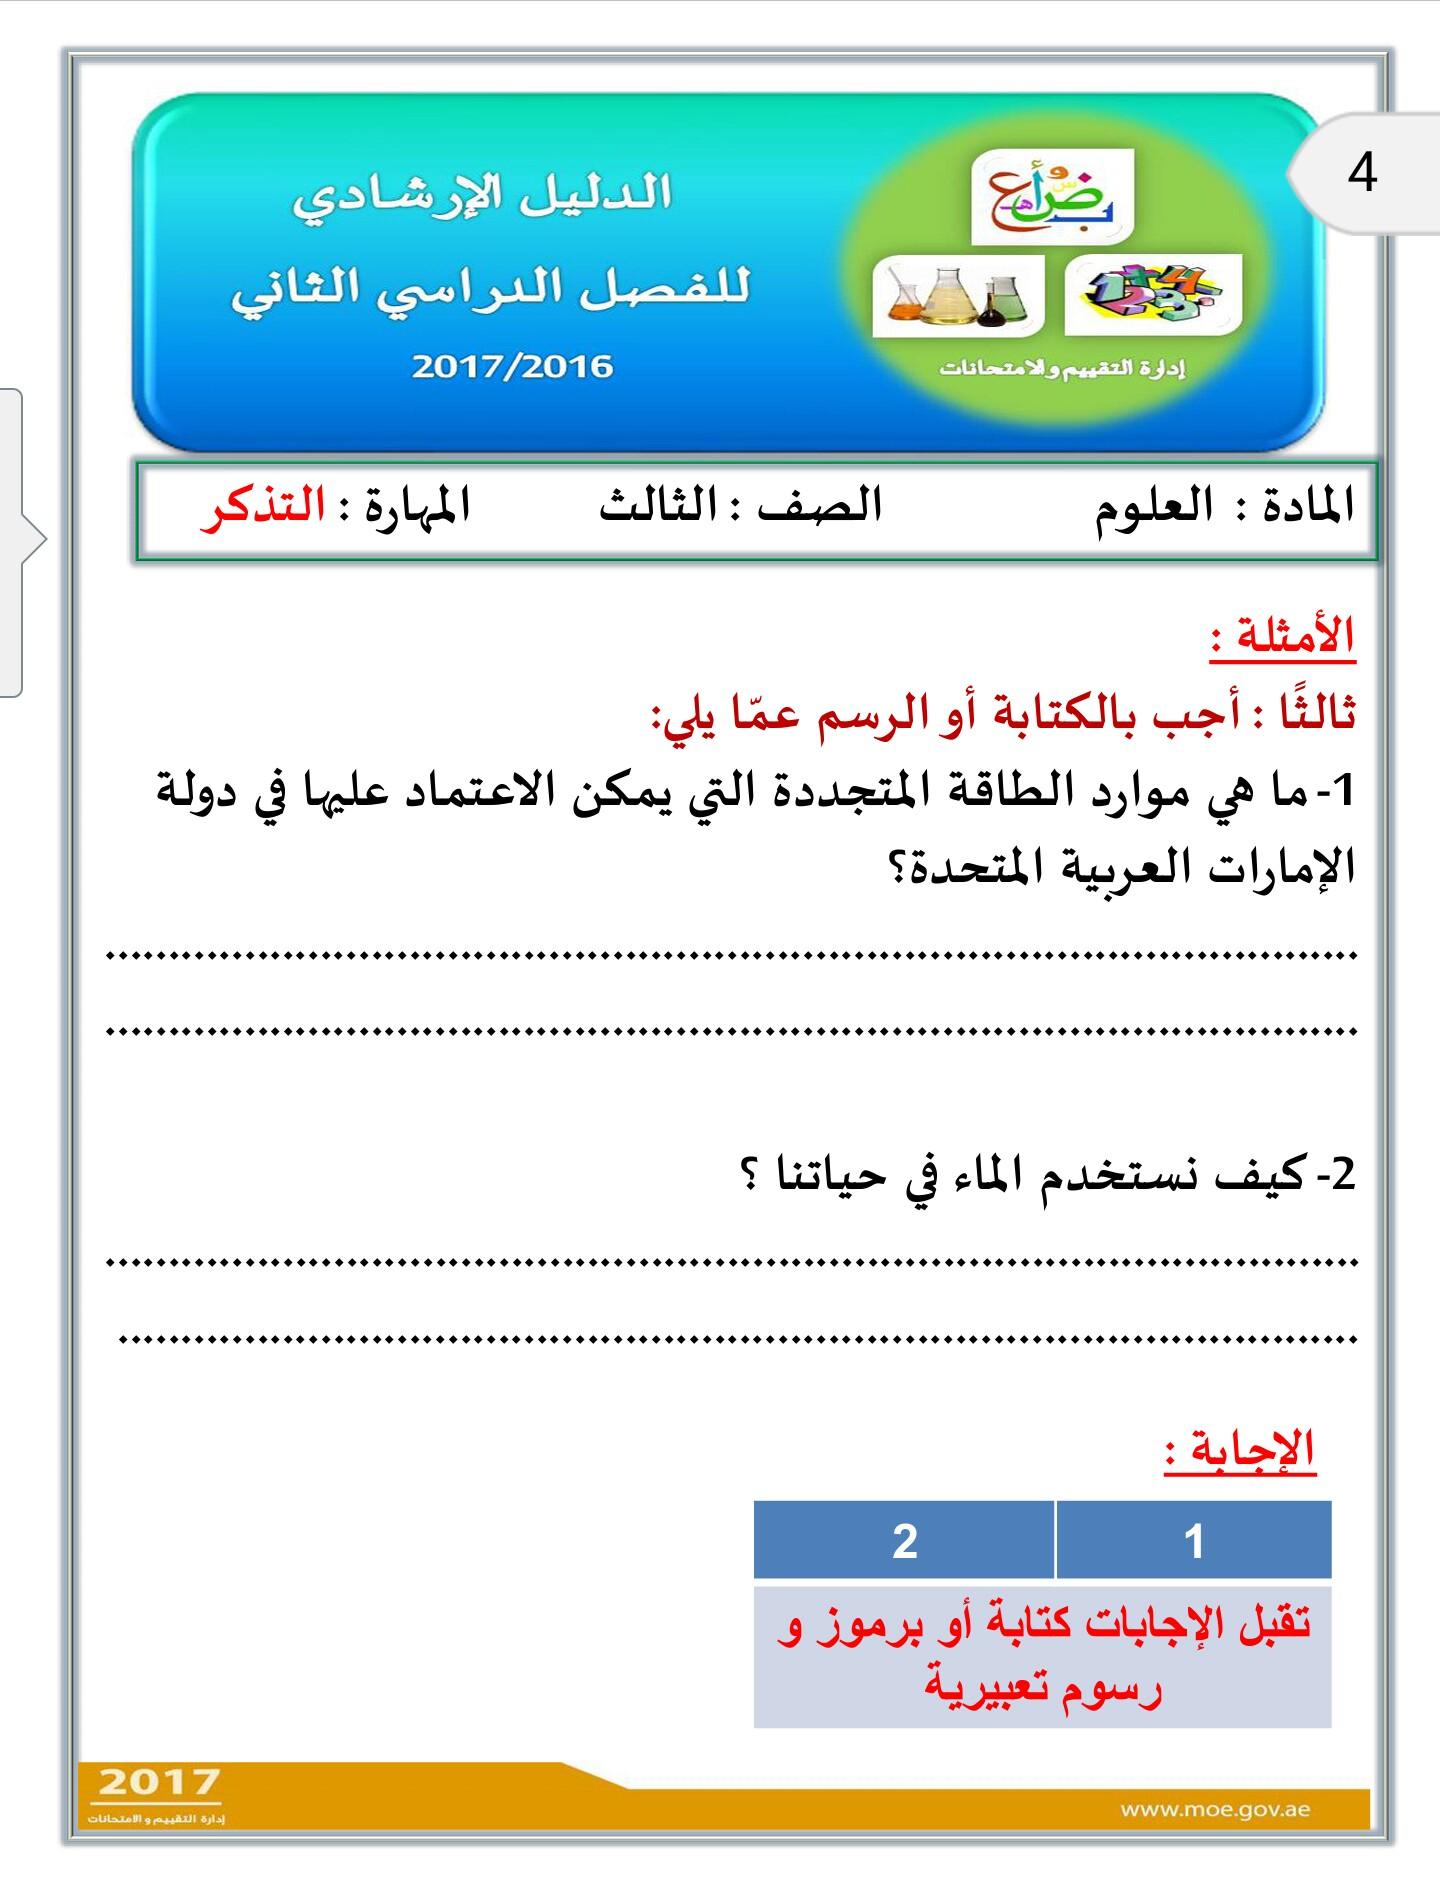 نموذج وزاري علوم فصل ثاني  لصف ثالث في الامارات